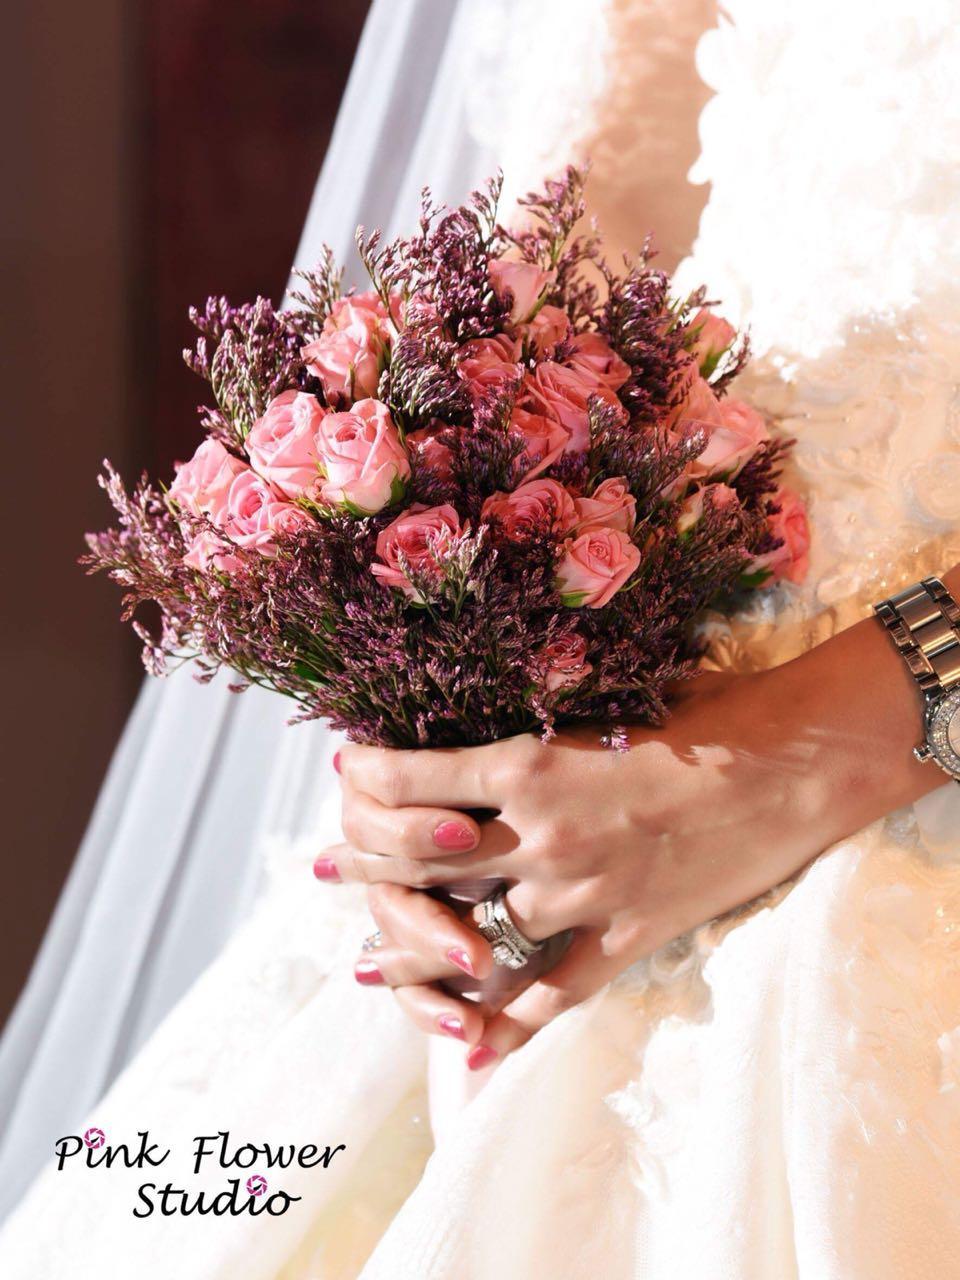 استديو نسائي | ستوديو نسائي | استديو الوردة الزهرية النسائي | استديو نسائي الوردة  528237173